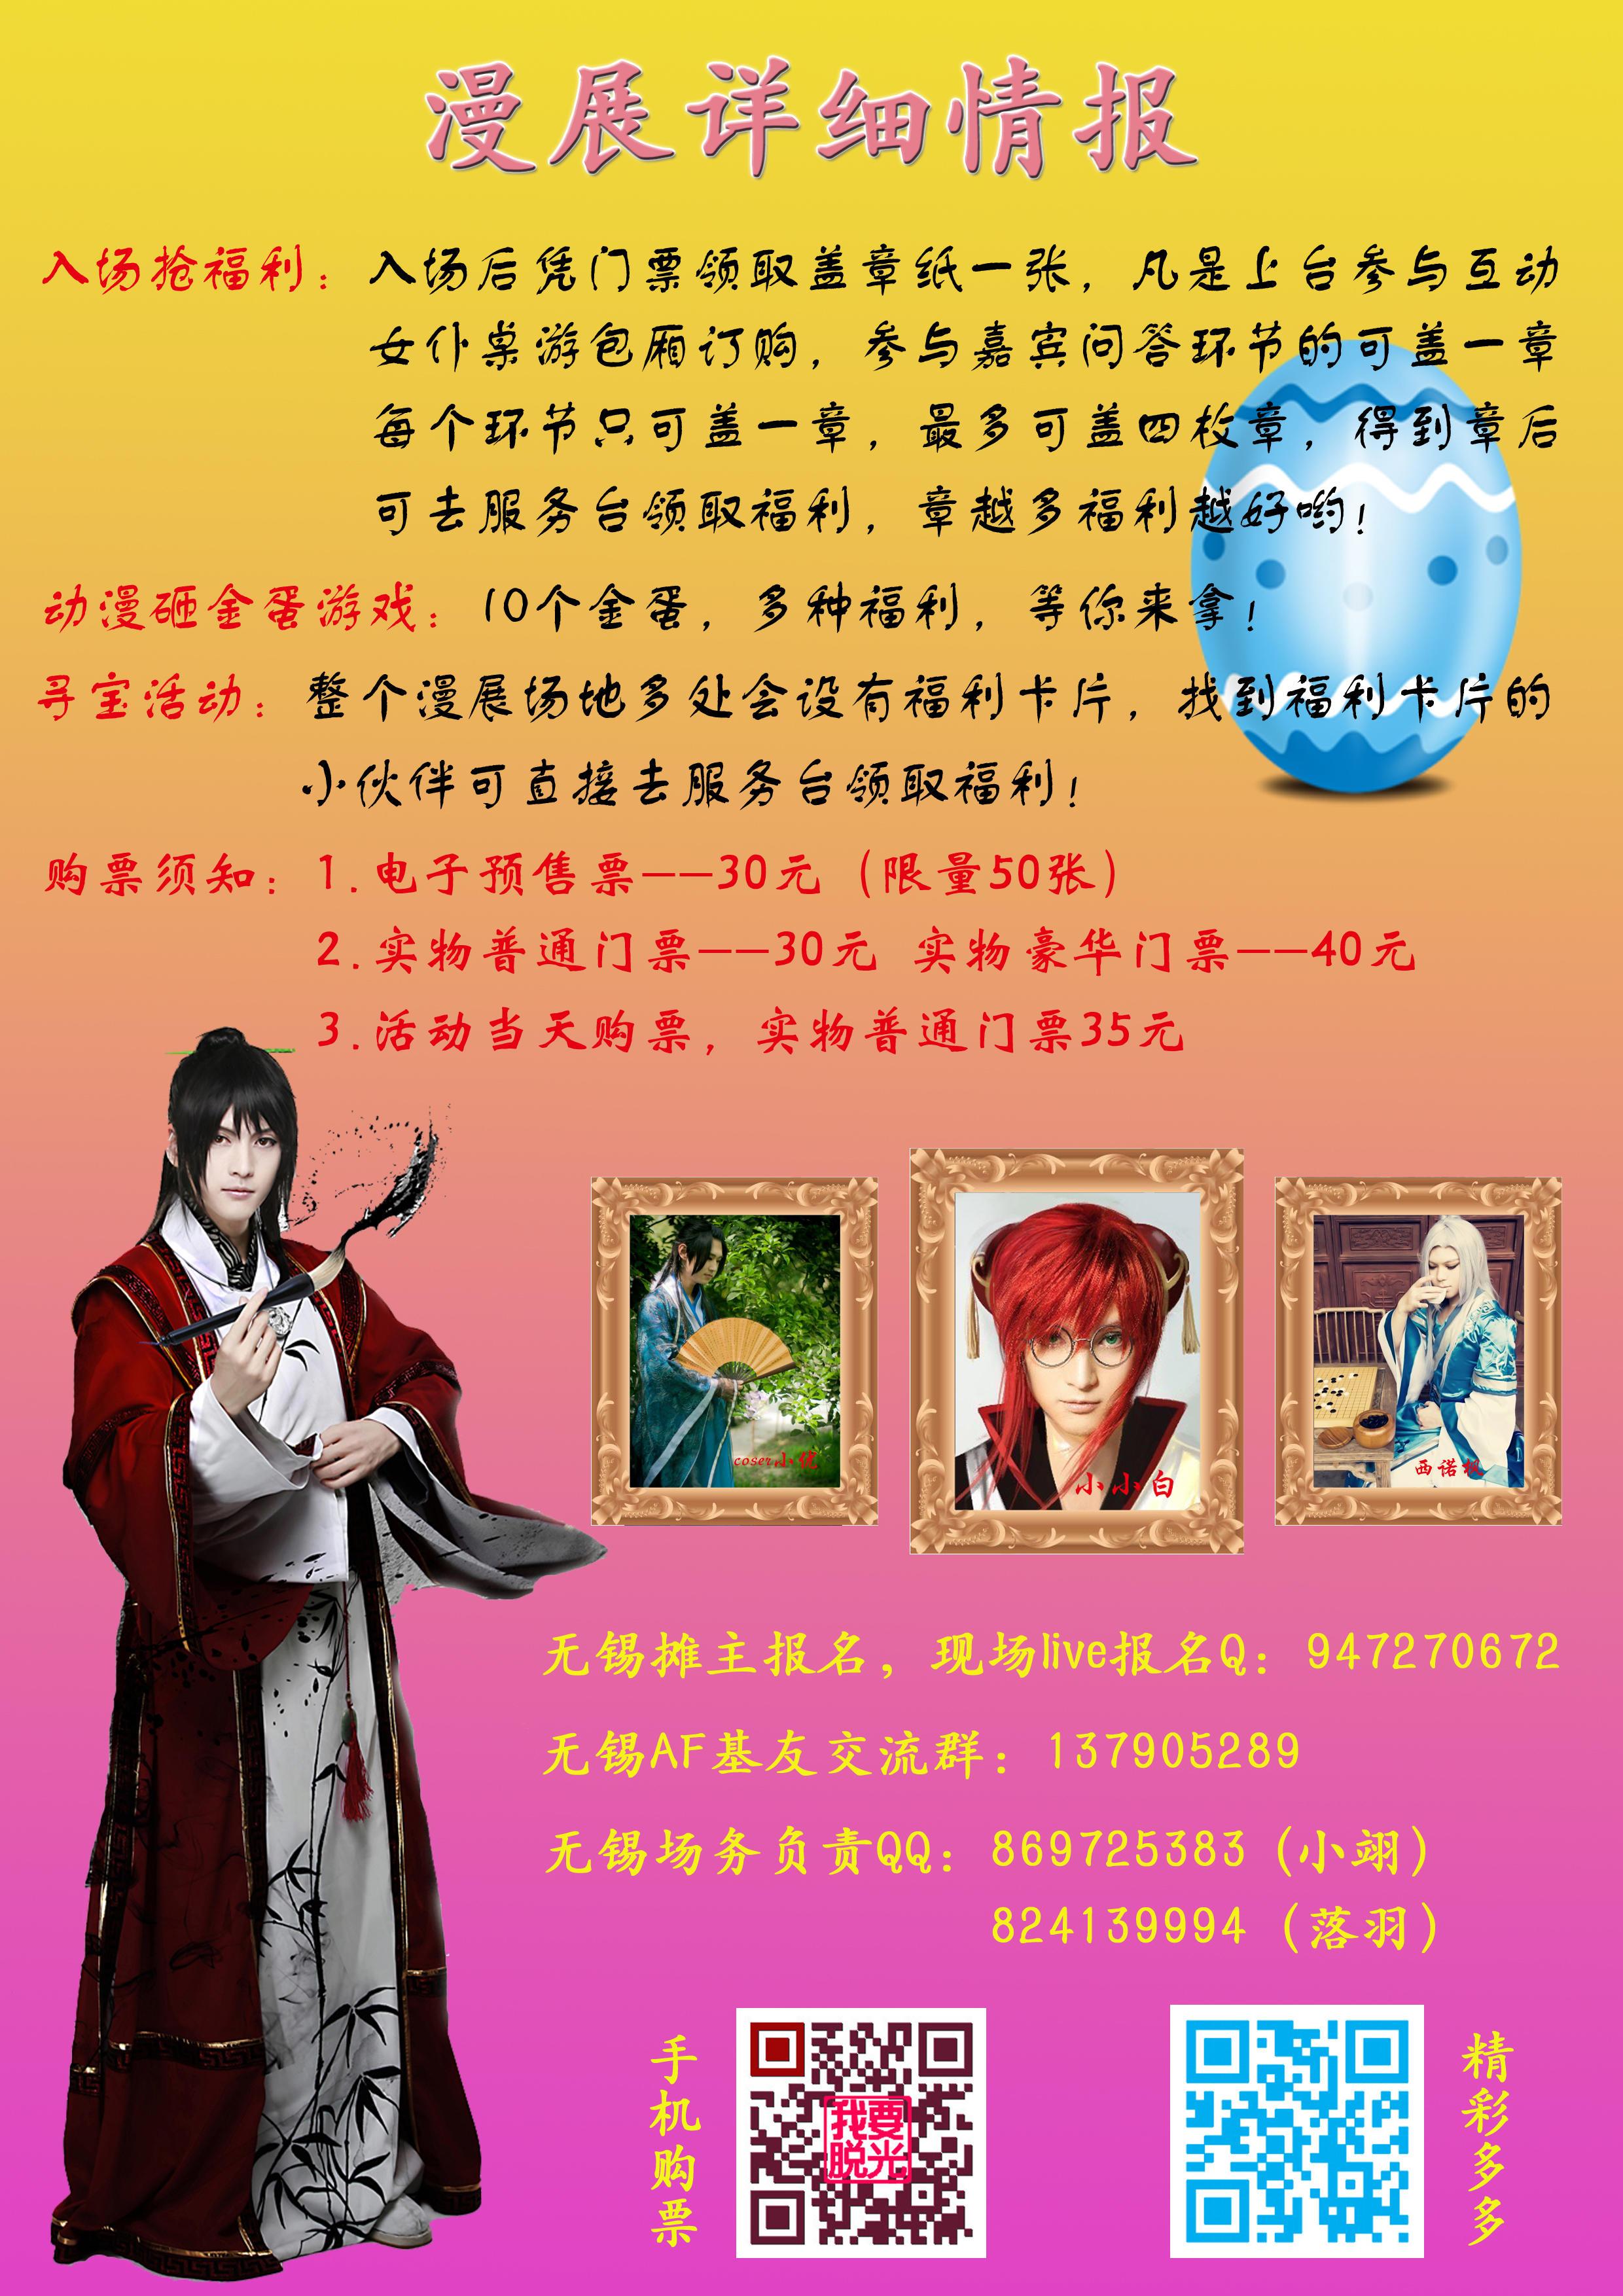 宣传海报 - 无锡首届高校af动漫同人展 - nyato喵特